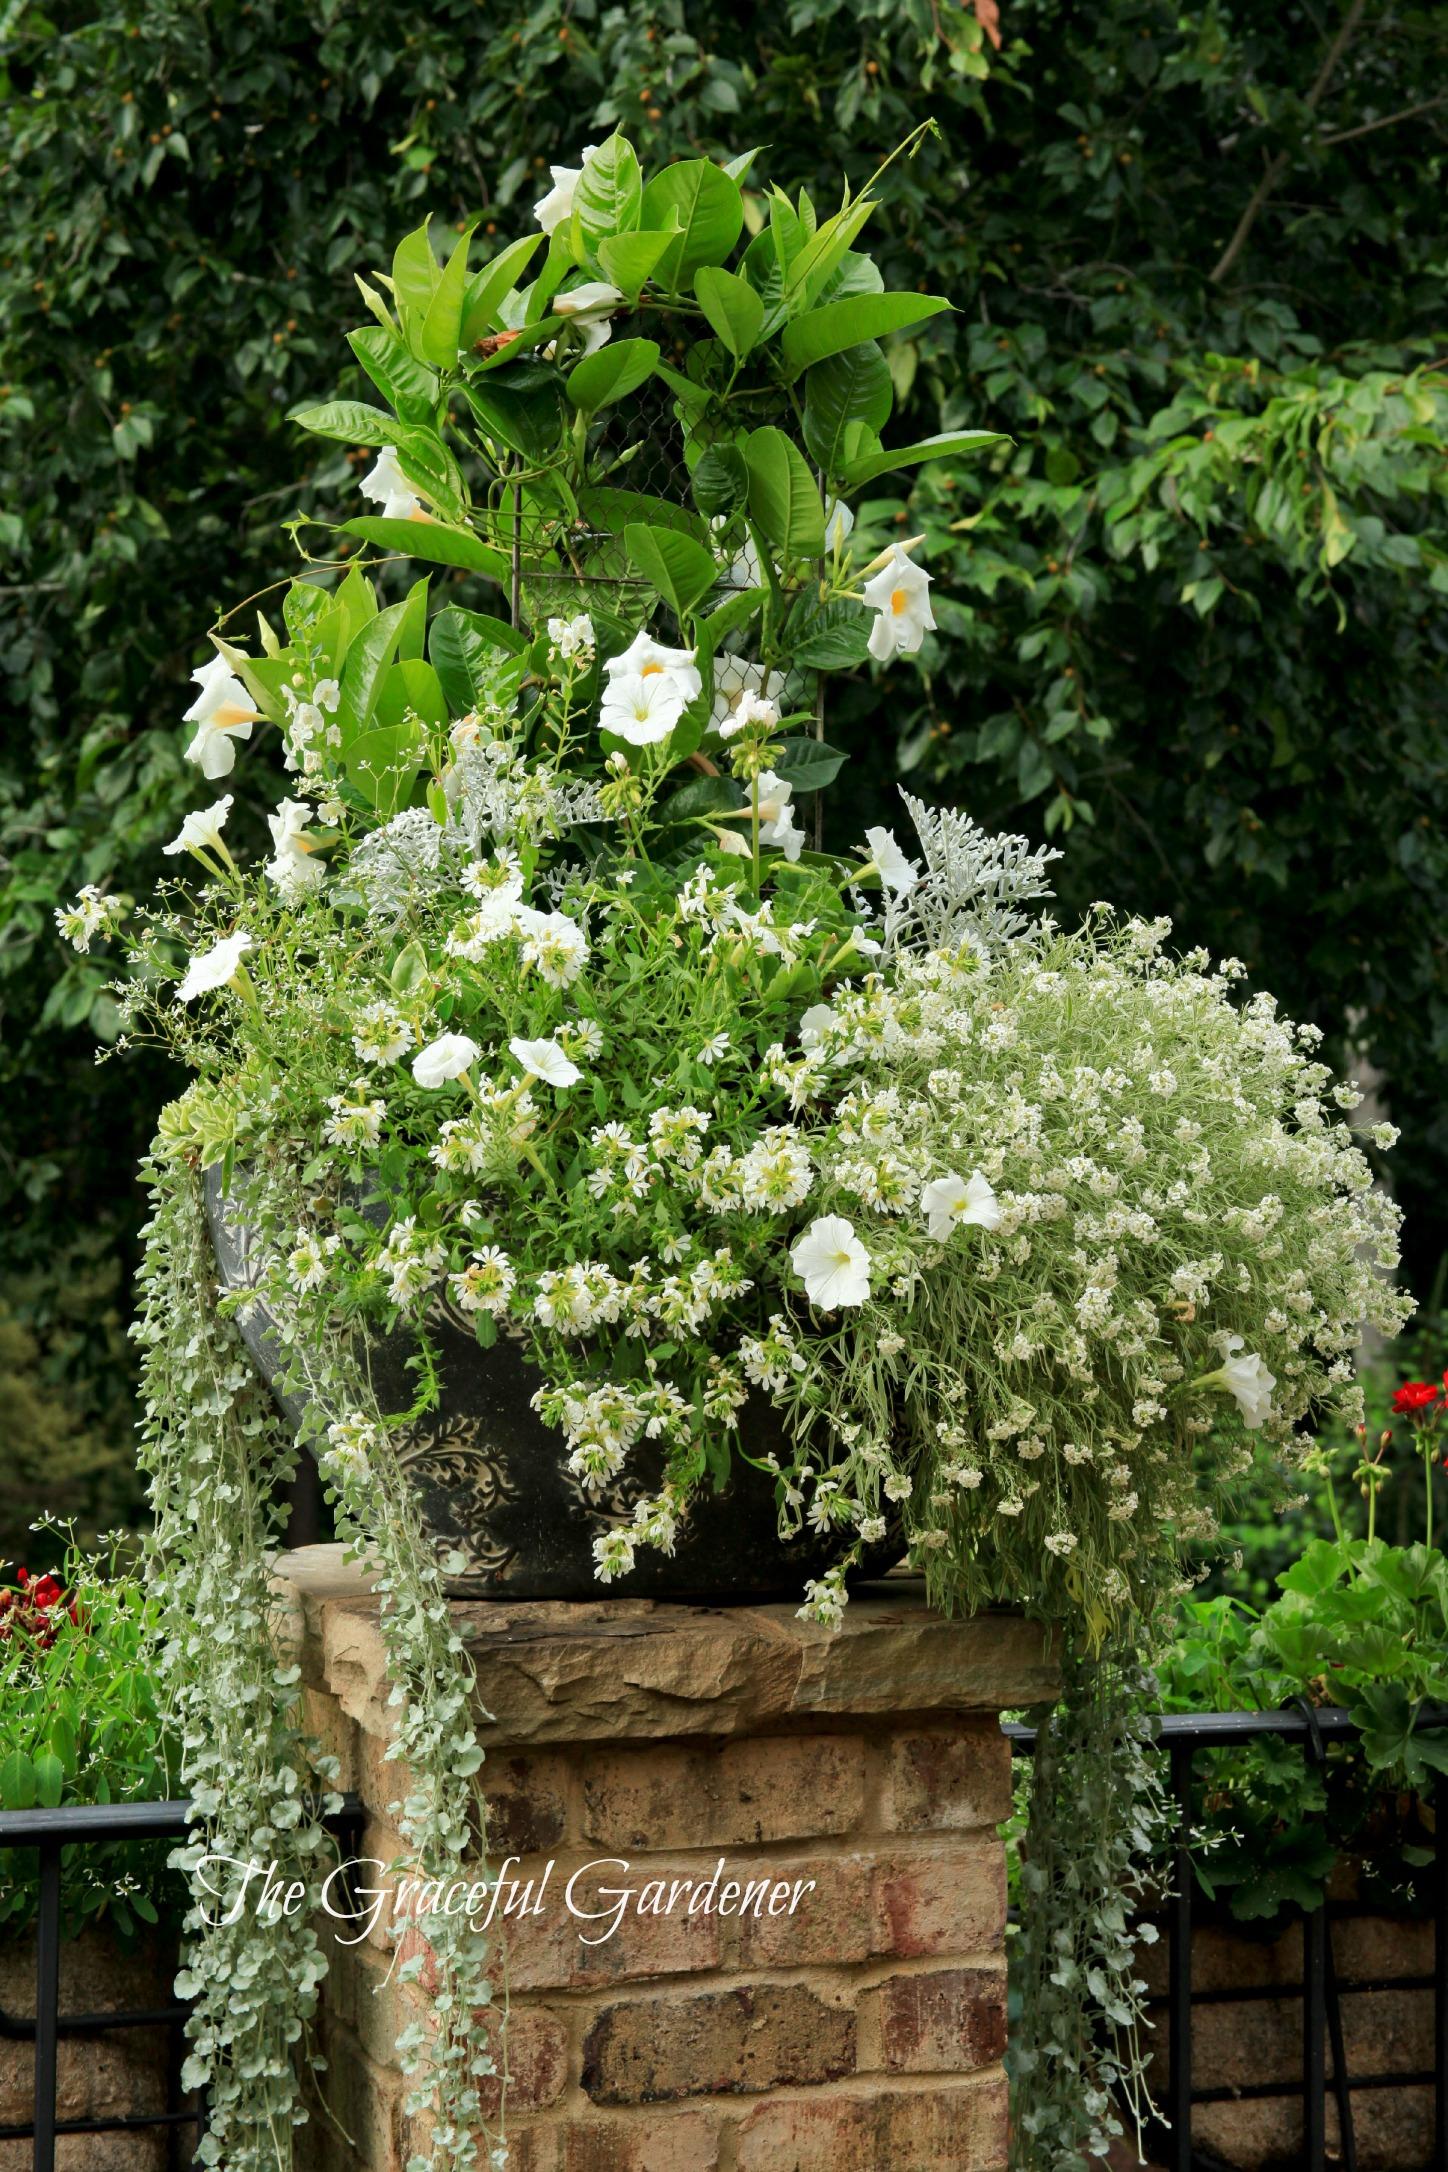 The Graceful Gardener » Summertime In My Garden…The Graceful.